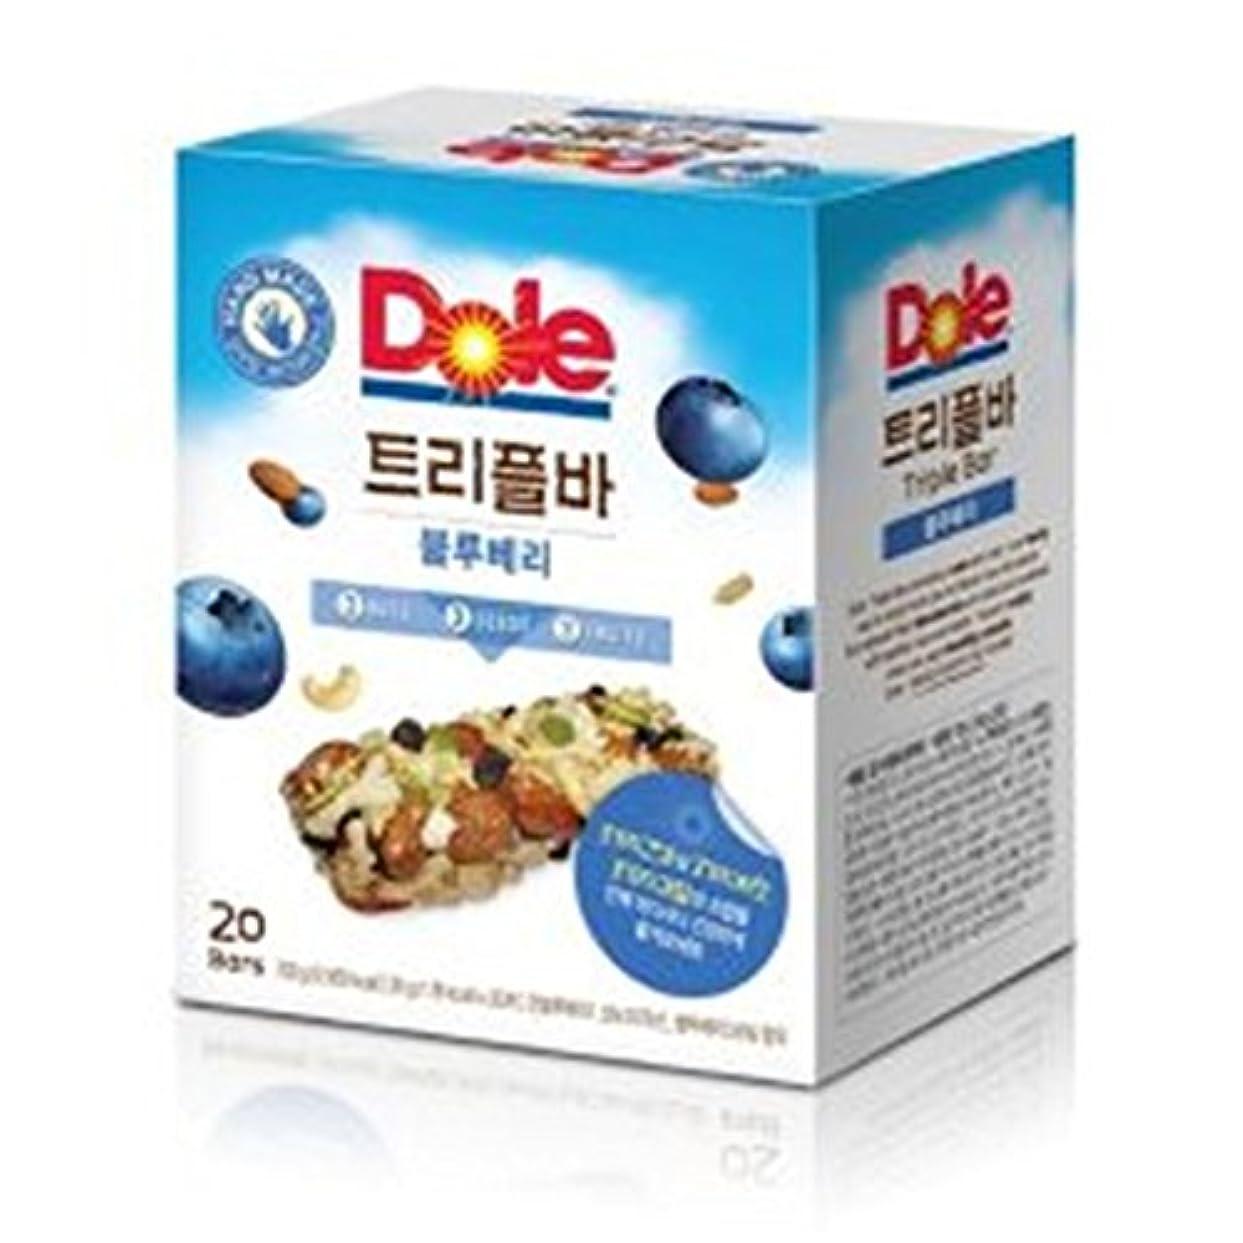 振動する溶ける多様体[ドール/Dole] Dole Triple Barドールトリプルバーブルーベリー35g x20個/3つのナットと3つのフルーツ、3つの種子で作成は栄養がたっぷり詰まったDiet Bar穀物バー/シリアル/栄養バー[健康...